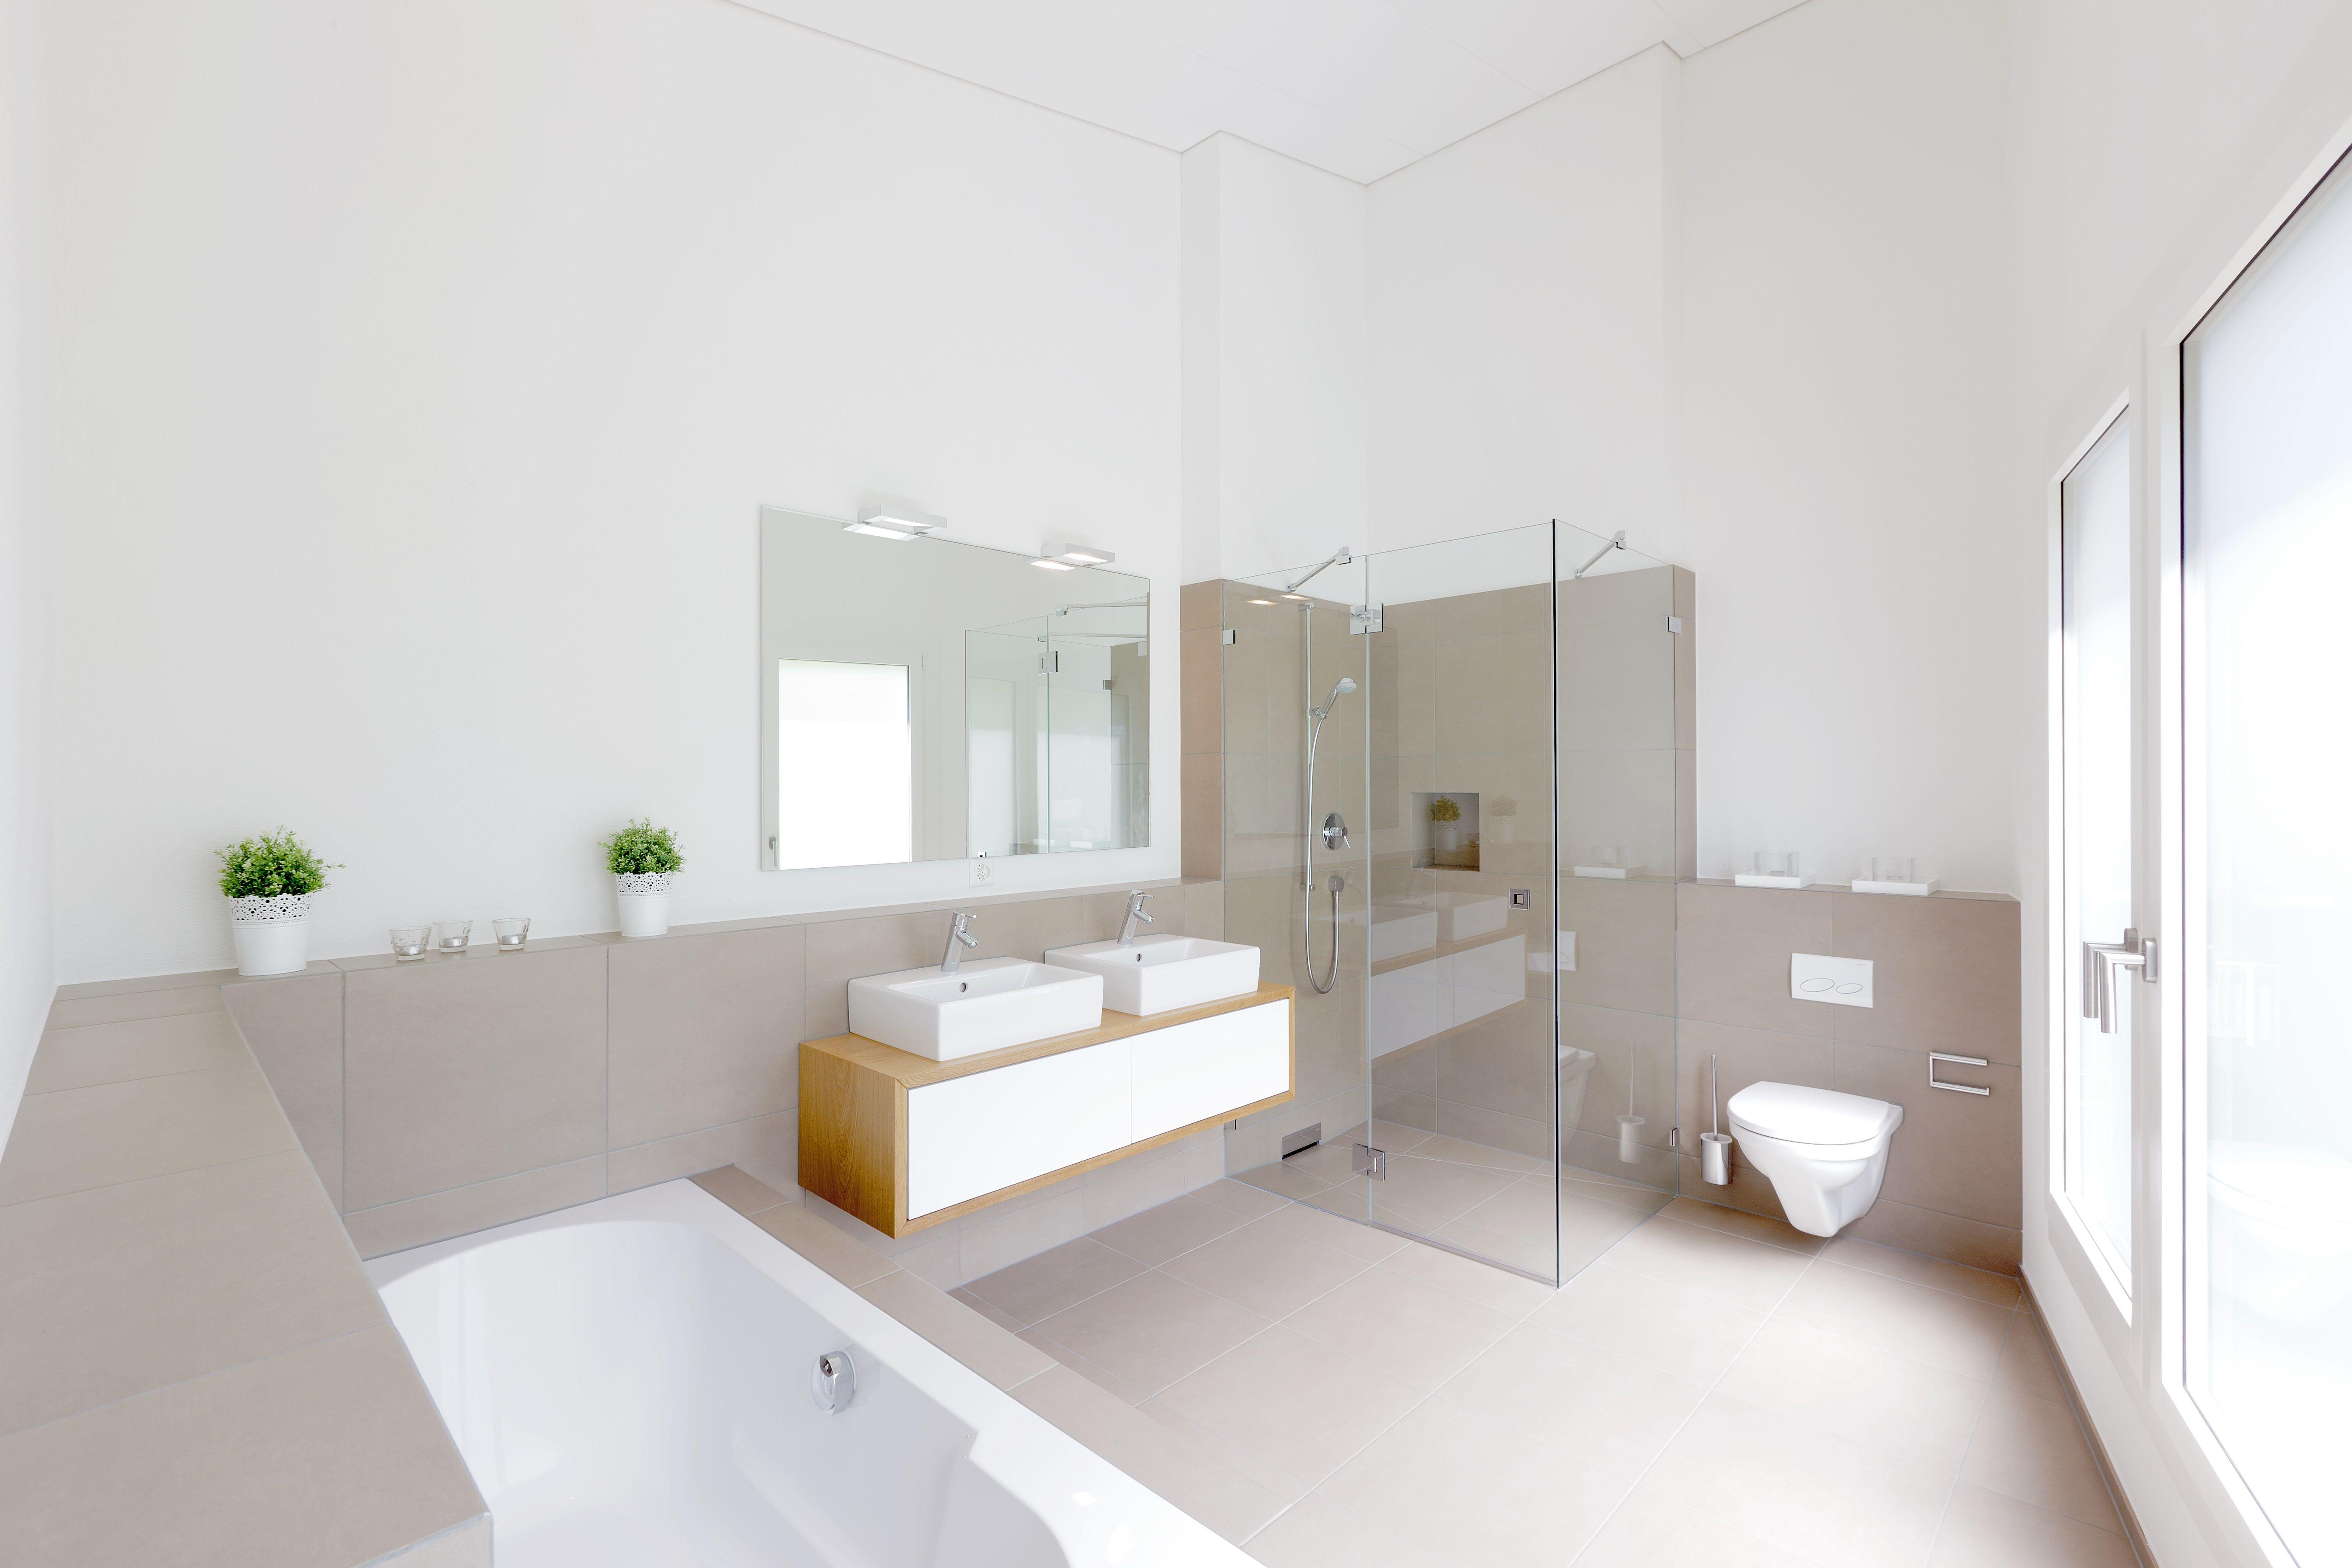 Badezimmer Platten, badezimmer platten bilder | badezimmer kreativ gestalten | pinterest, Design ideen